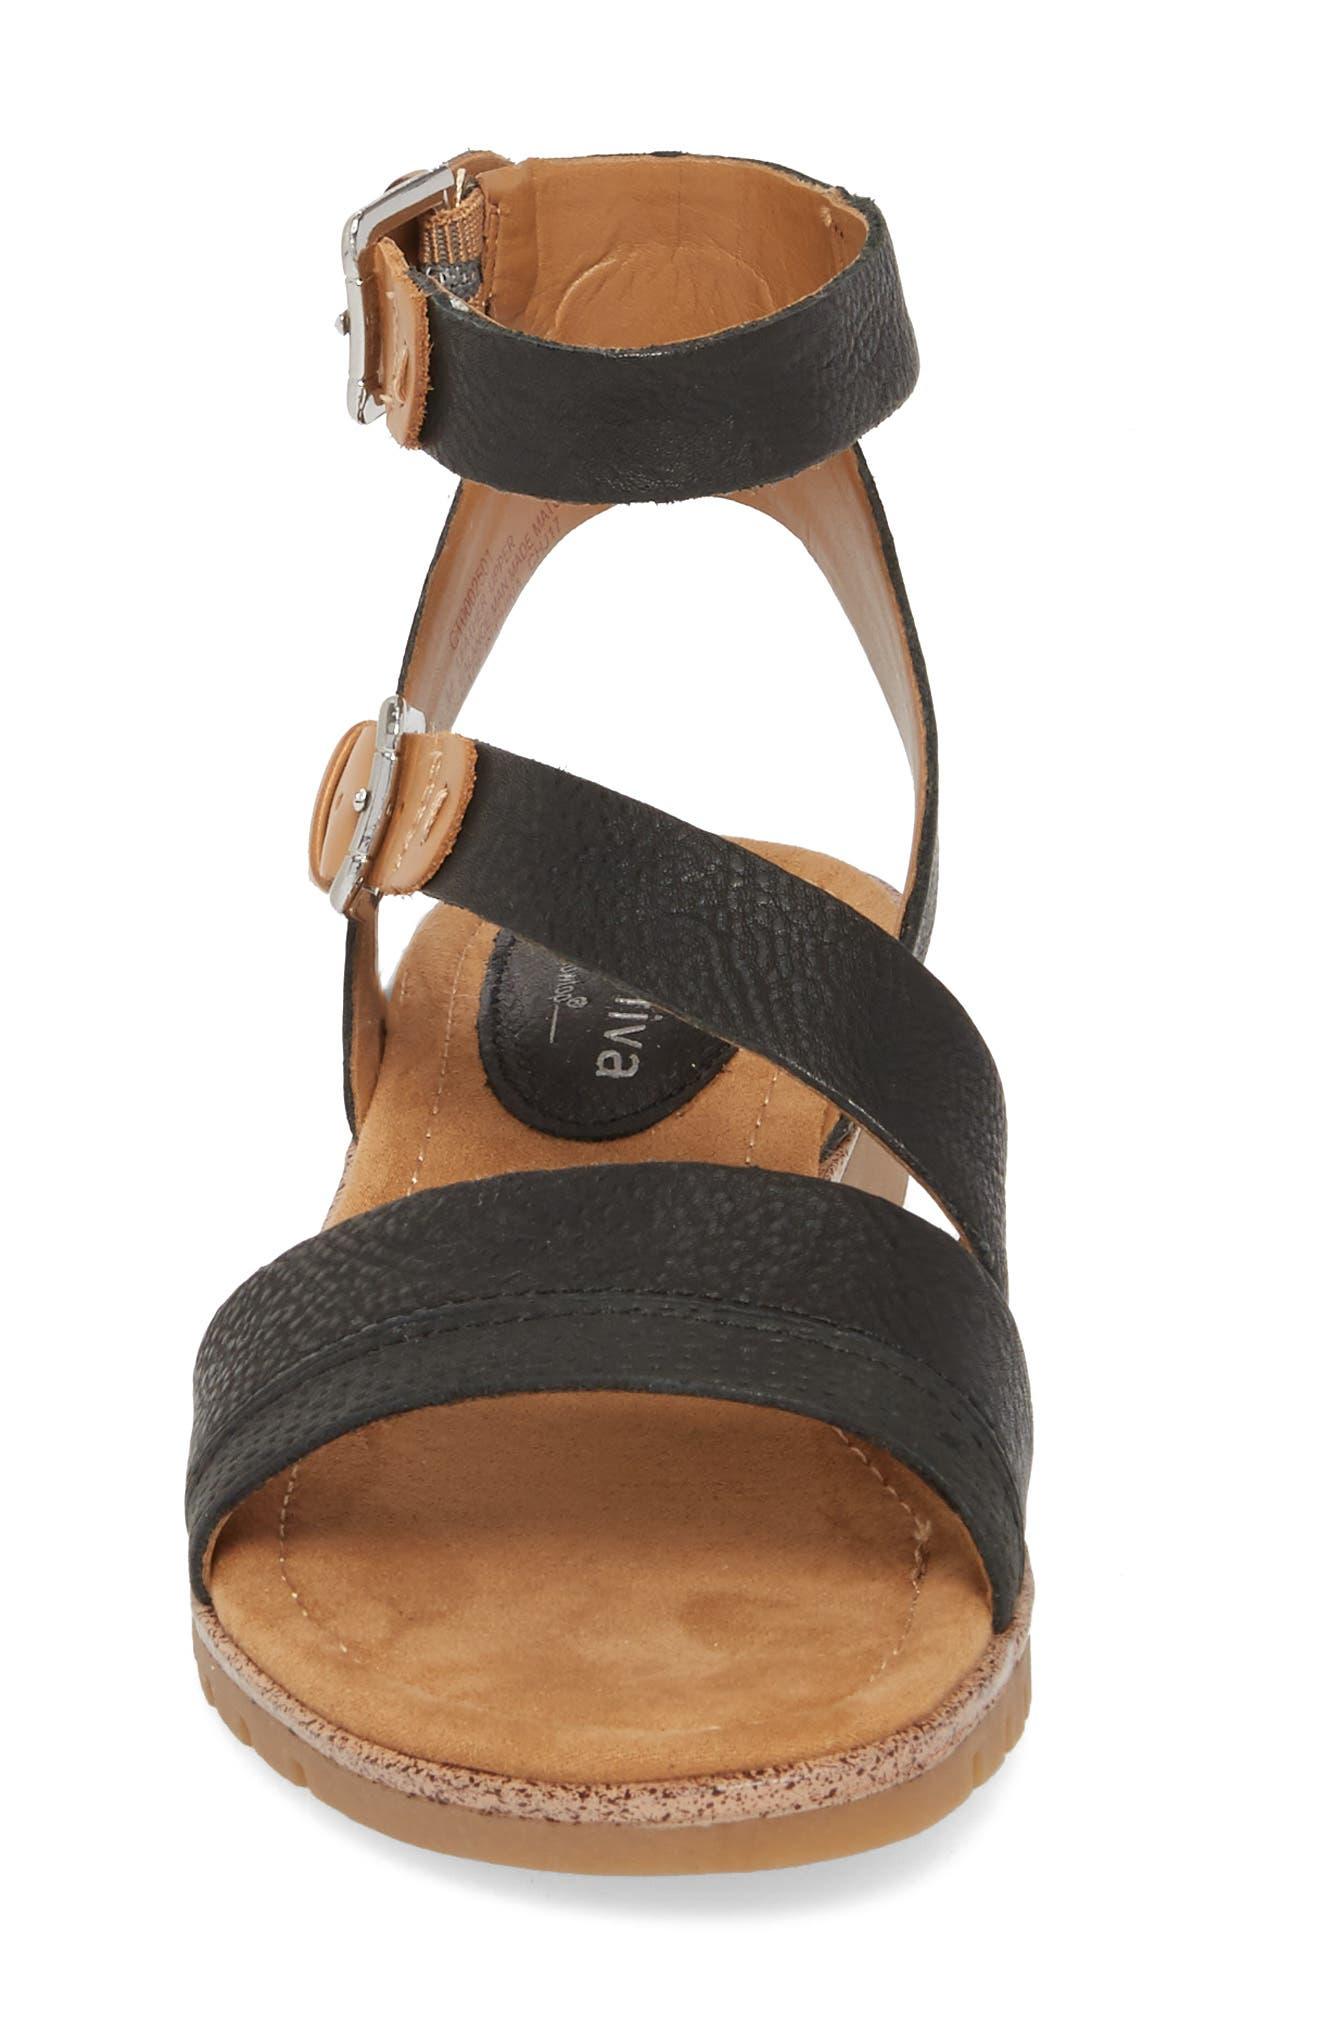 Corvina Sandal,                             Alternate thumbnail 4, color,                             Black/ Sand Leather